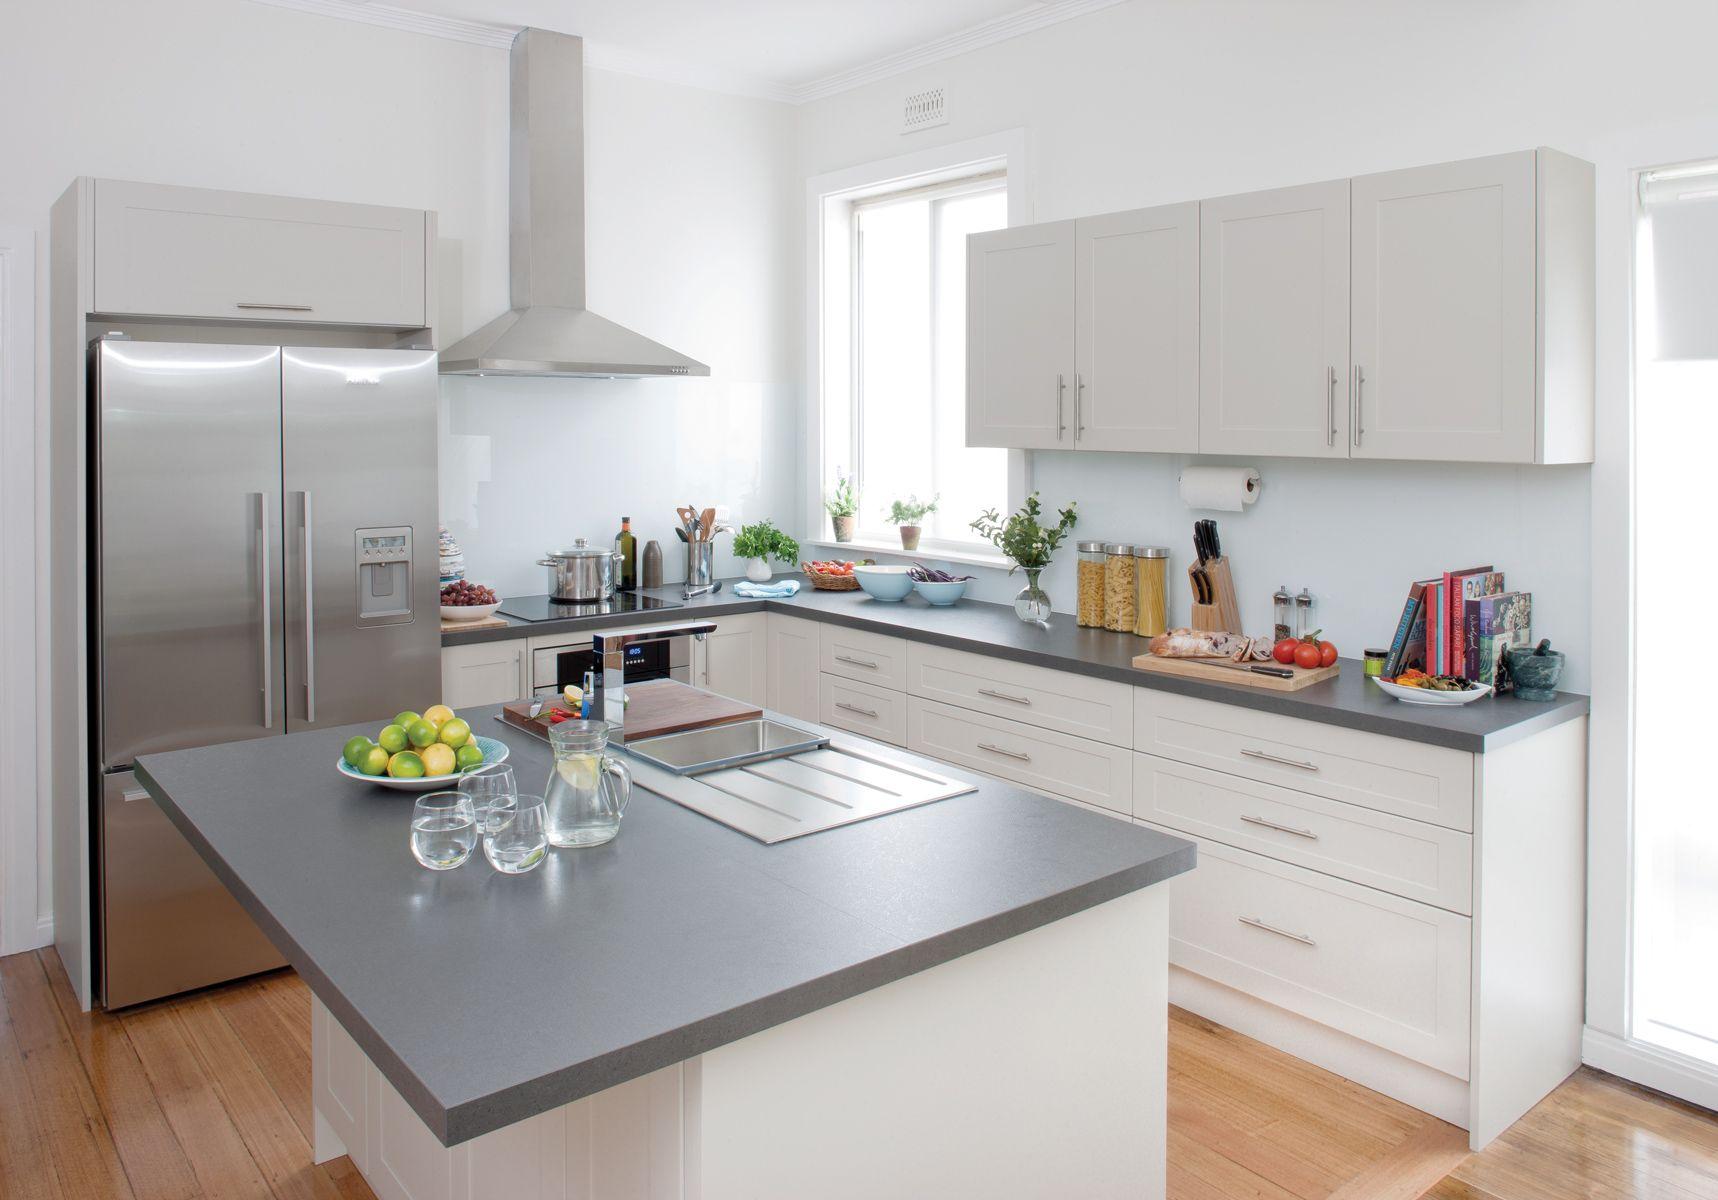 neutral trend kitchen design kitchen wall cabinets design your kitchen on kaboodle kitchen design id=45098